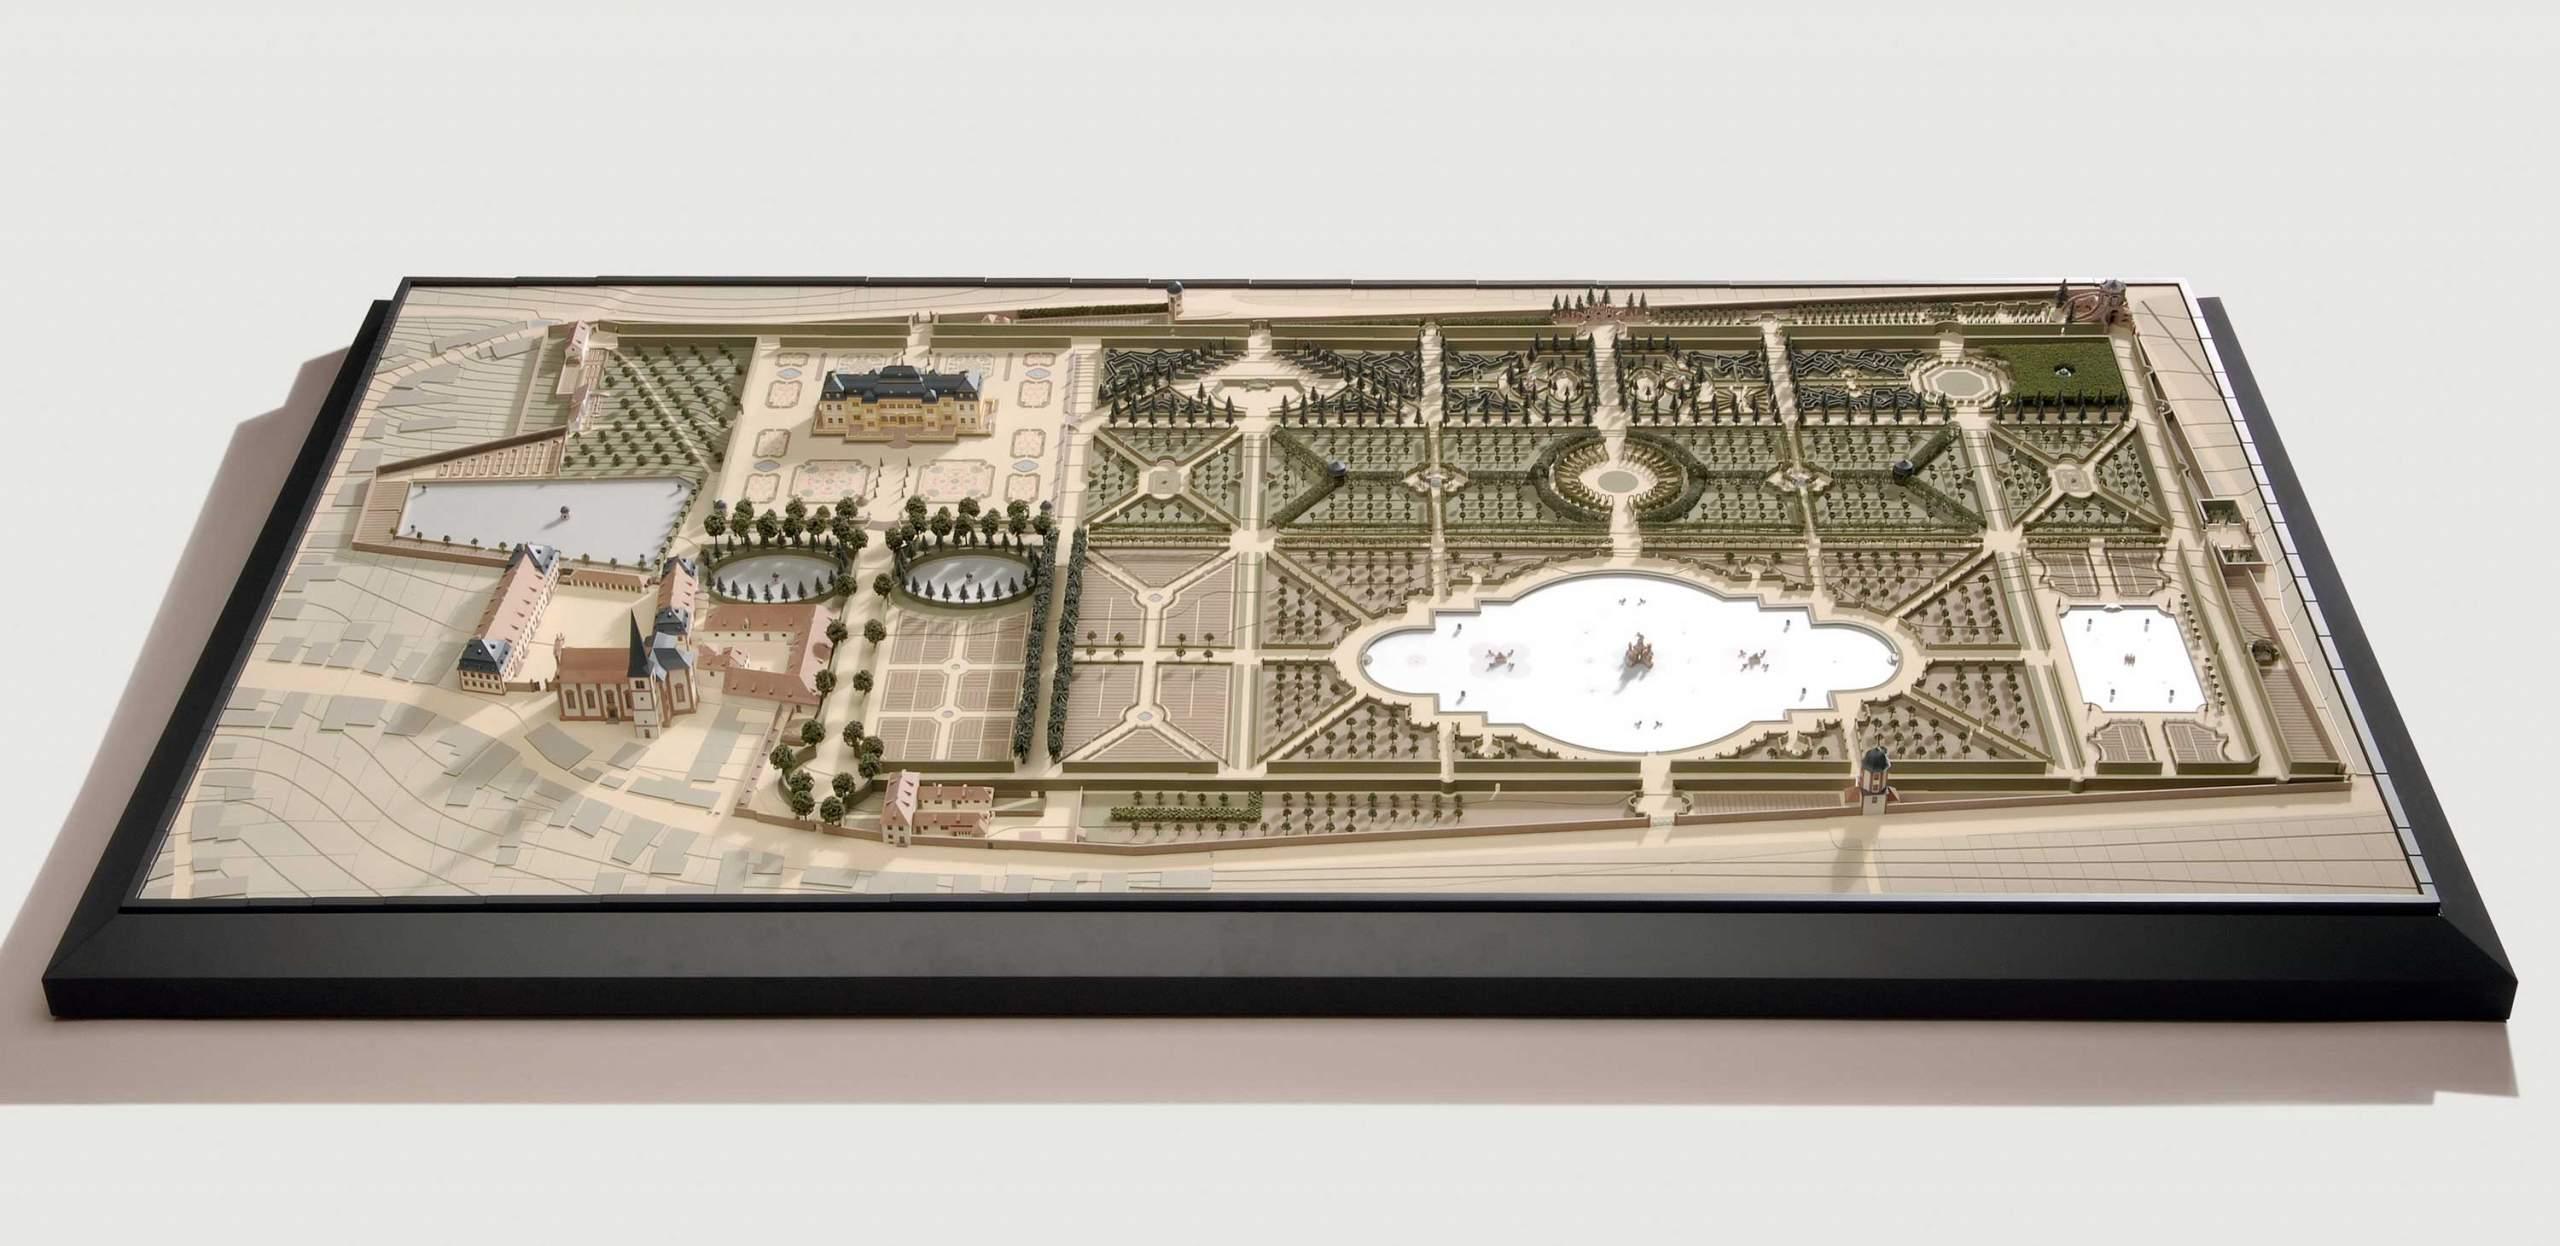 Gartenmodell Veitshöchheim historisch - Architekturmodell - Modellbau Architektur